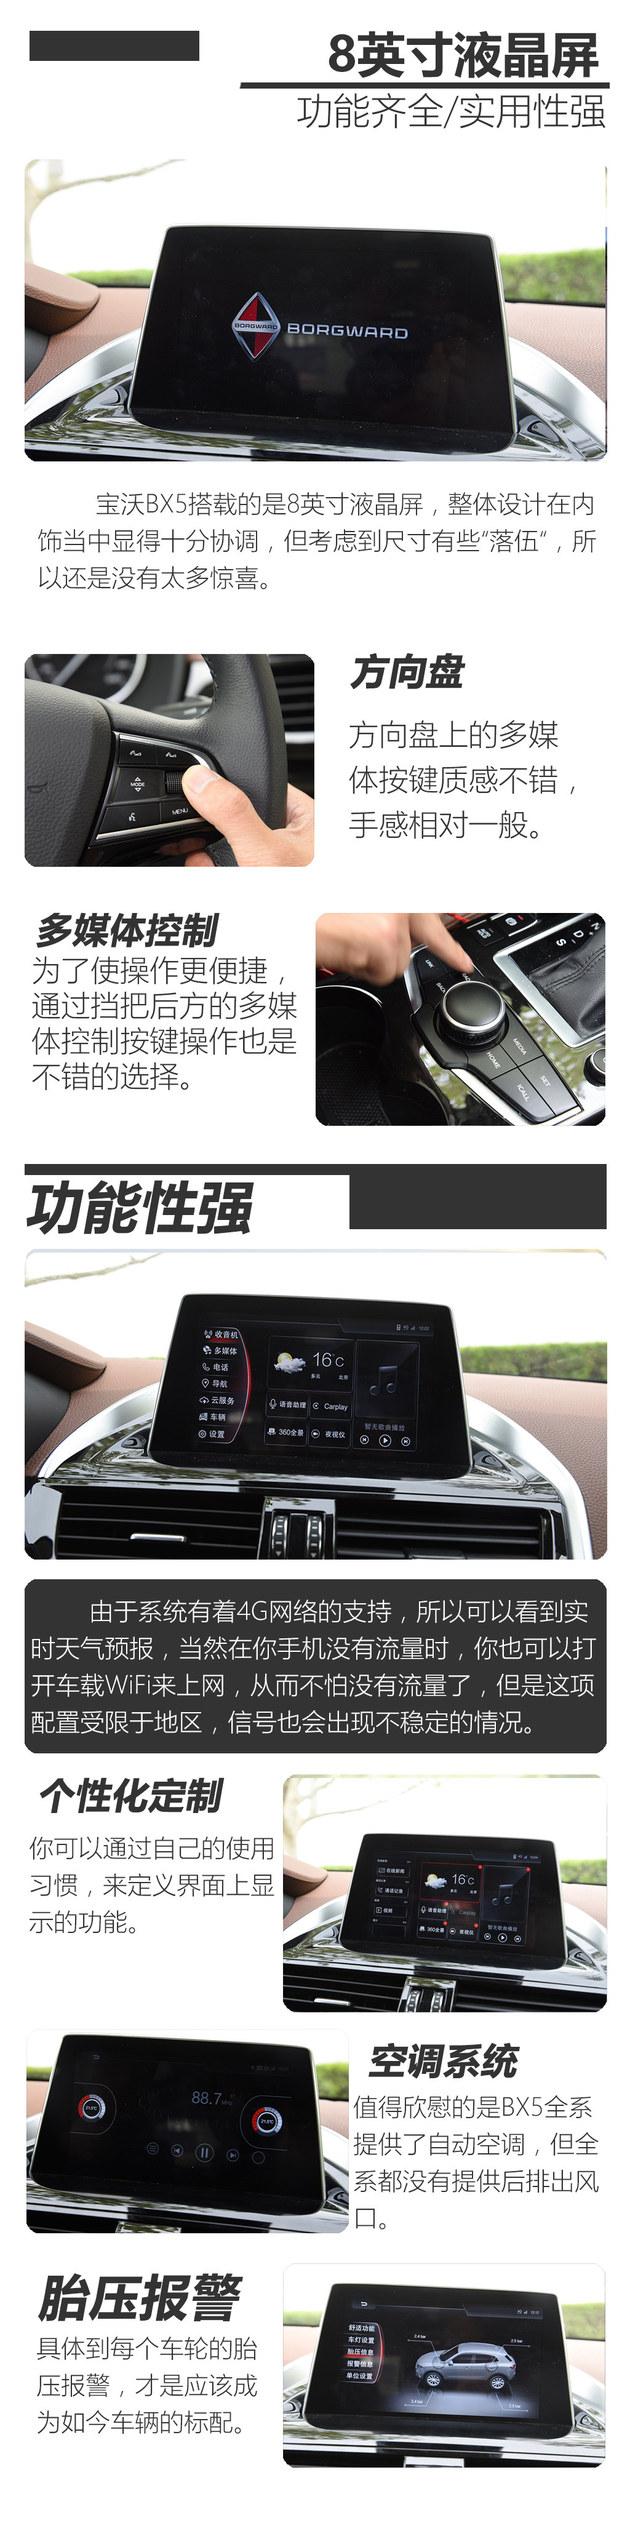 宝沃BX5多媒体系统体验 车载WiFi省流量